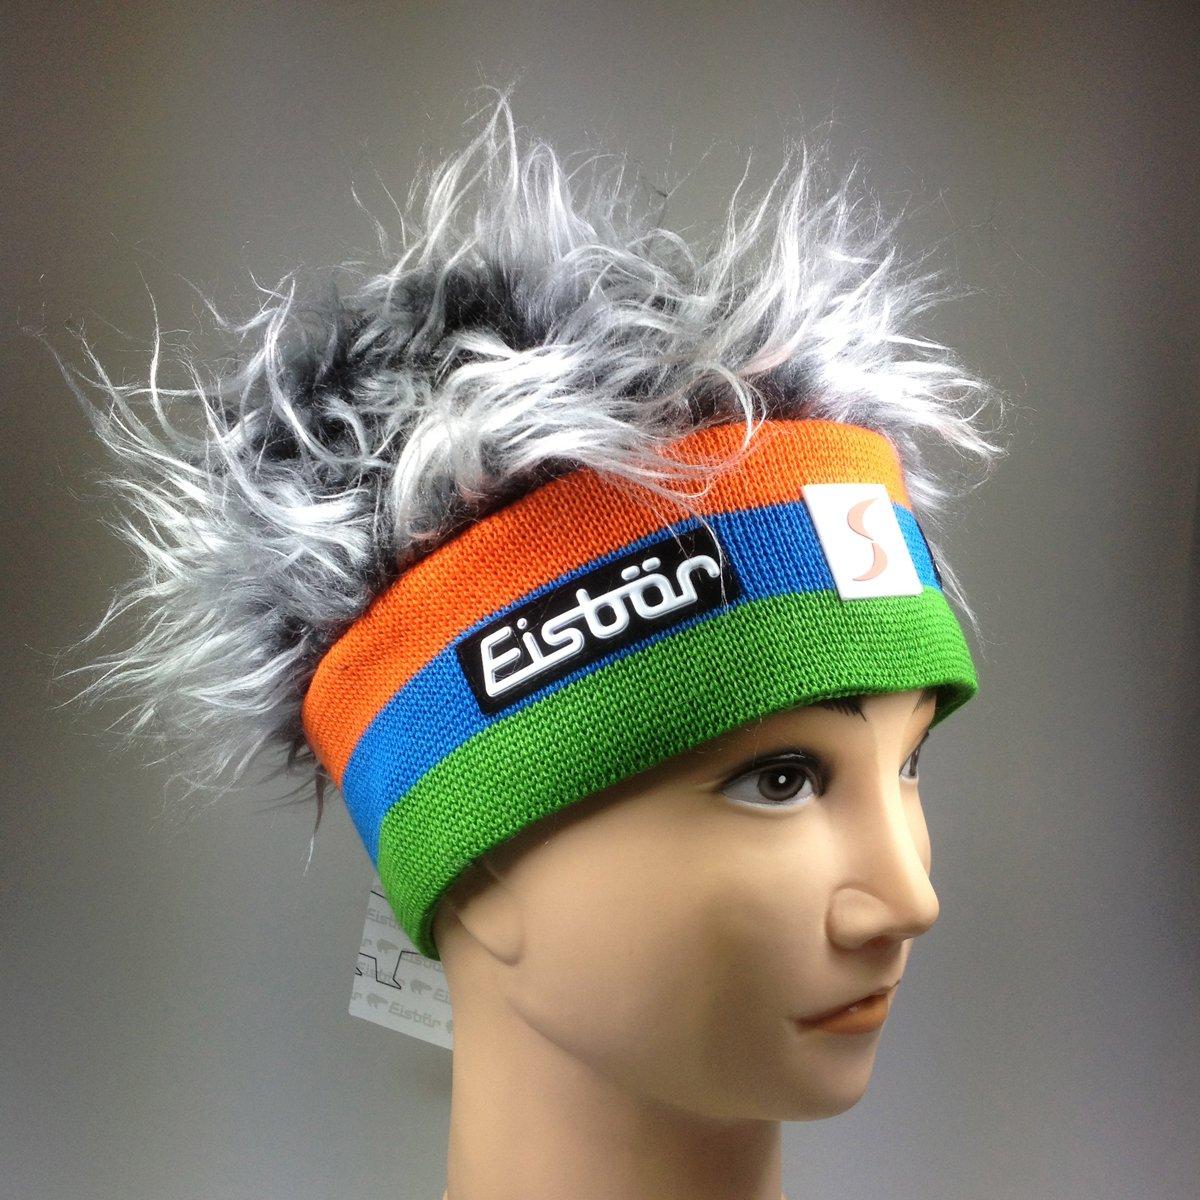 Original Eisbär Mütze Viva SP, grün, blau, orange mit silber/graue Haare